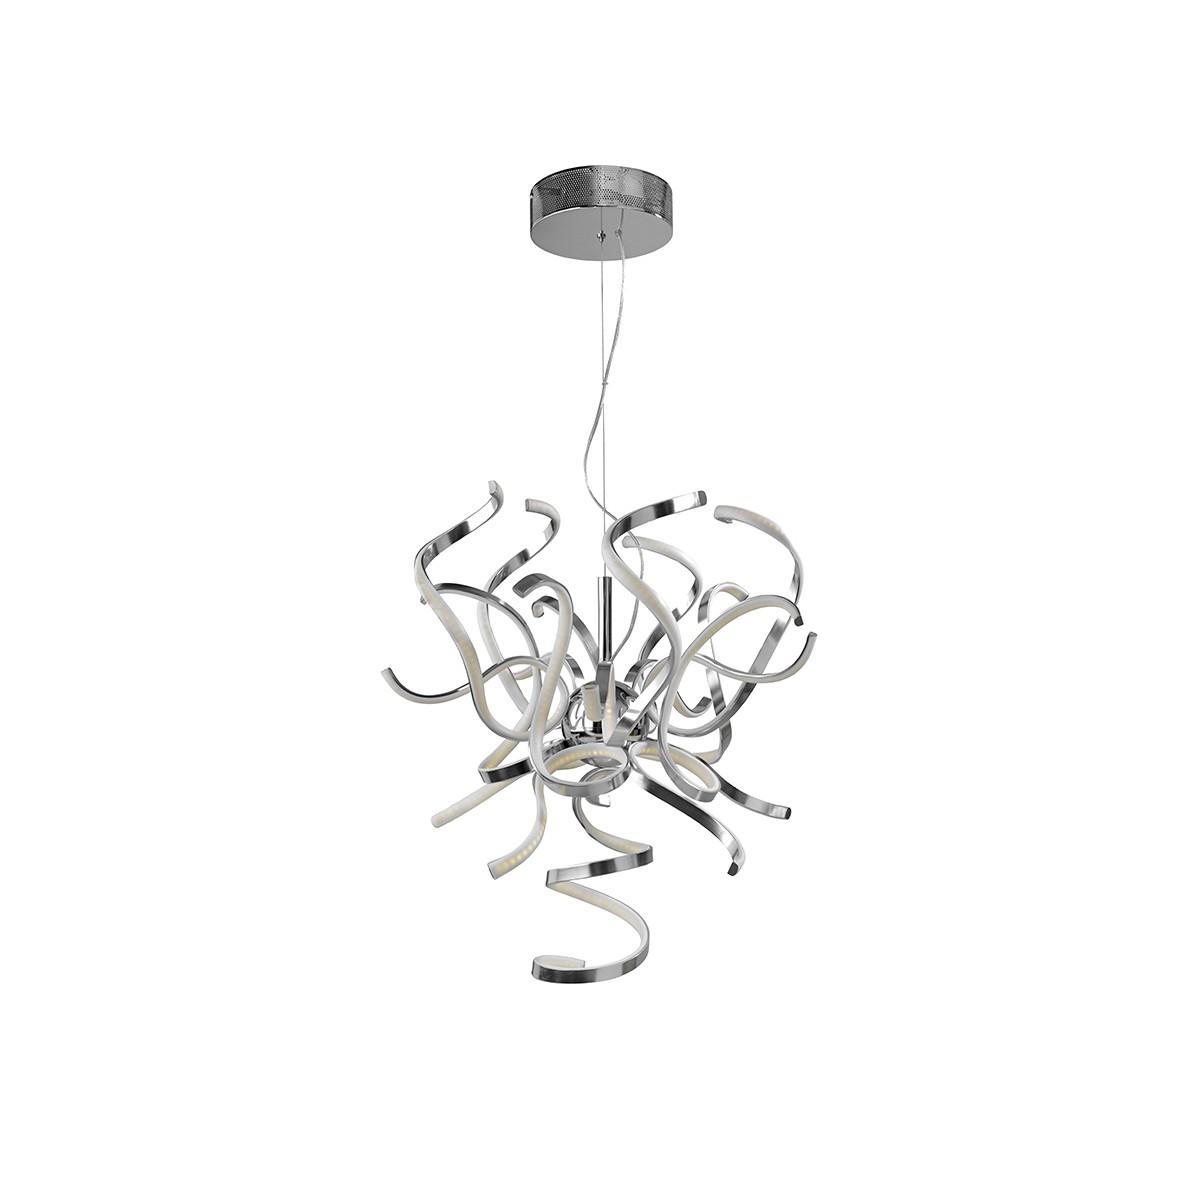 Sompex Weed LED Pendelleuchte, Ø: 60 cm, Aluminium